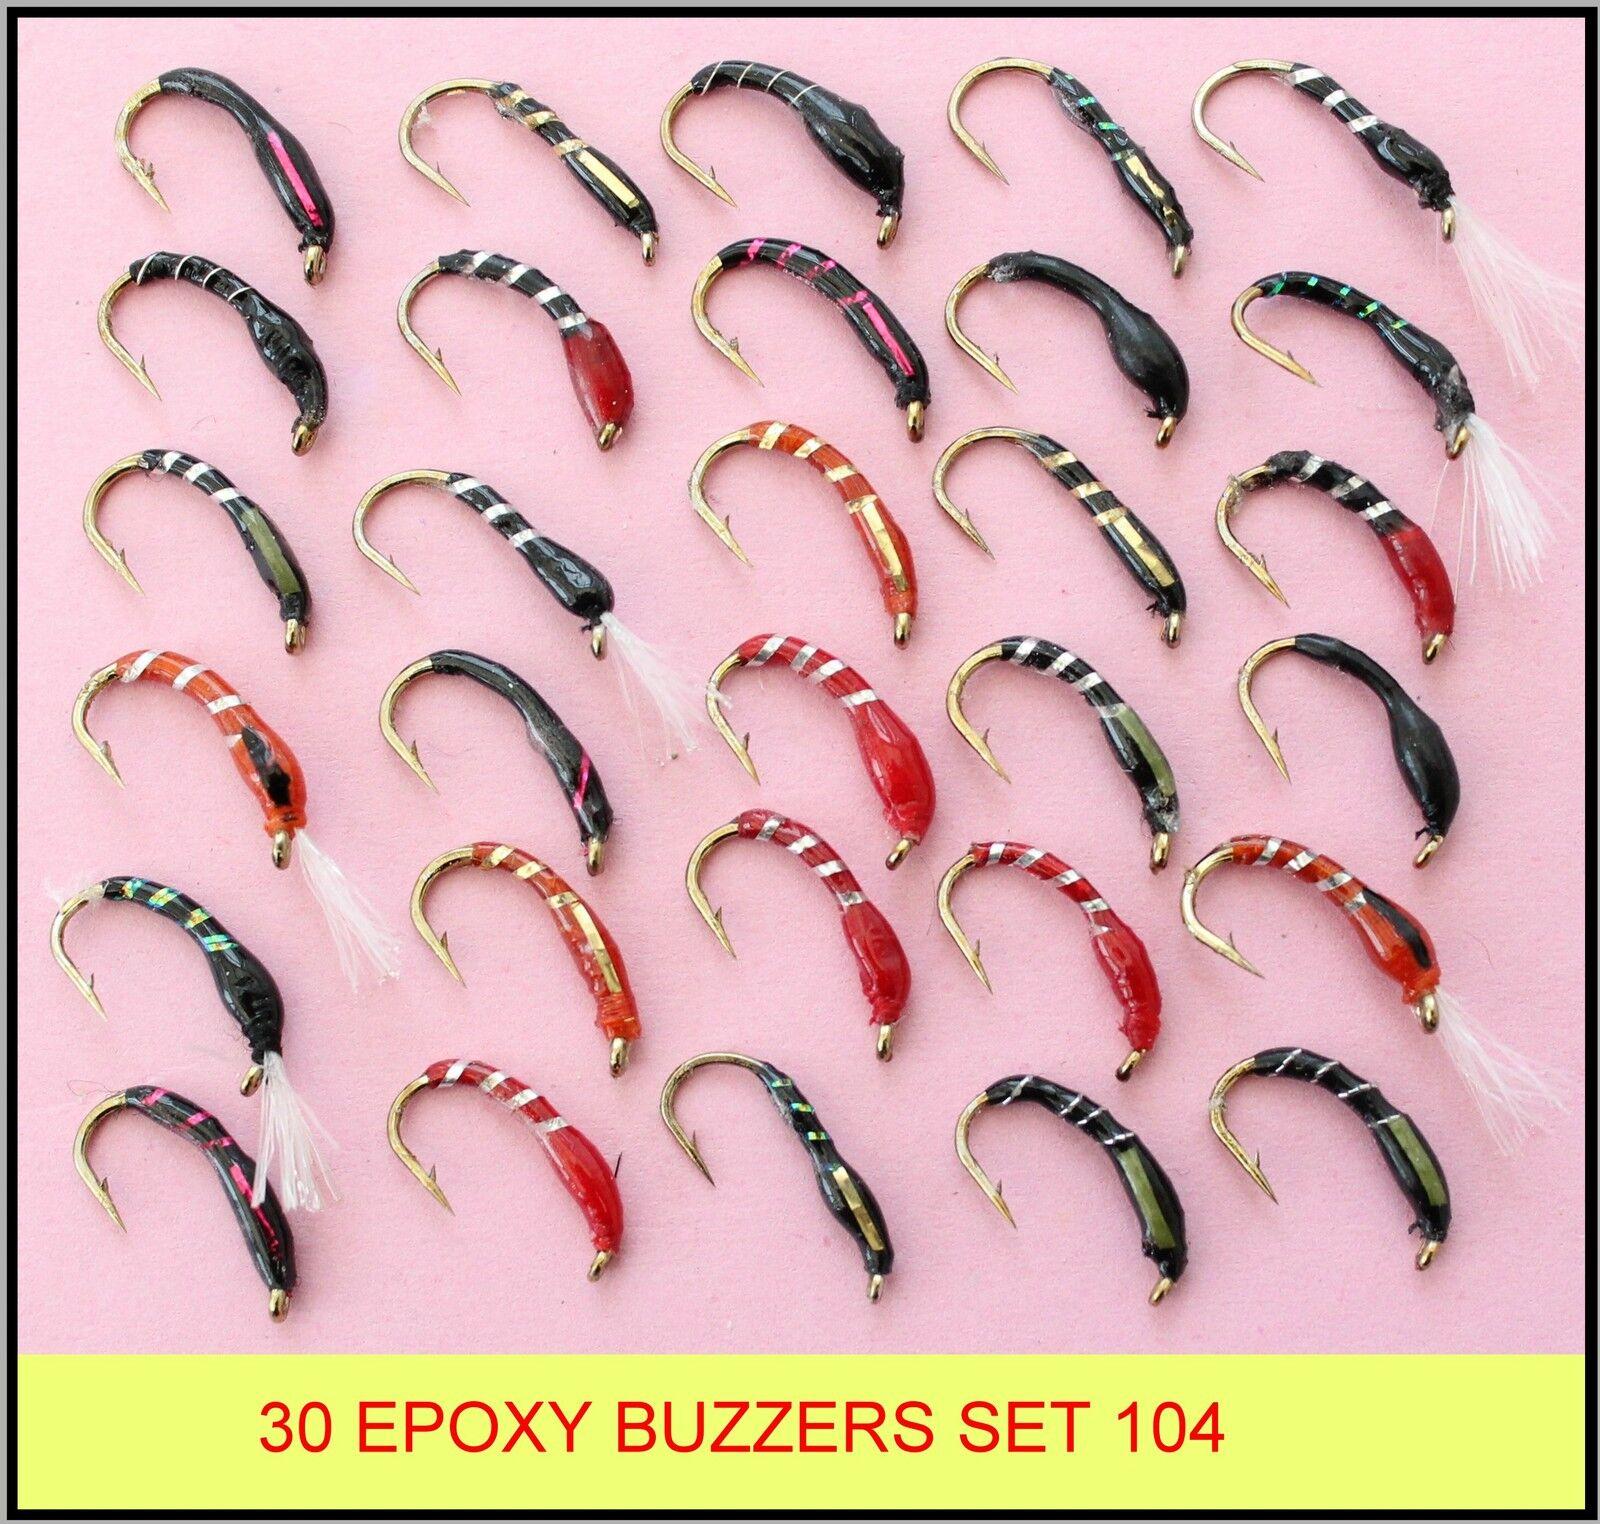 30 Mixte époxy Buzzers Truite Pêche à La Mouche nouveau Mouches nouveau Mouche set 104-HB 1740bf